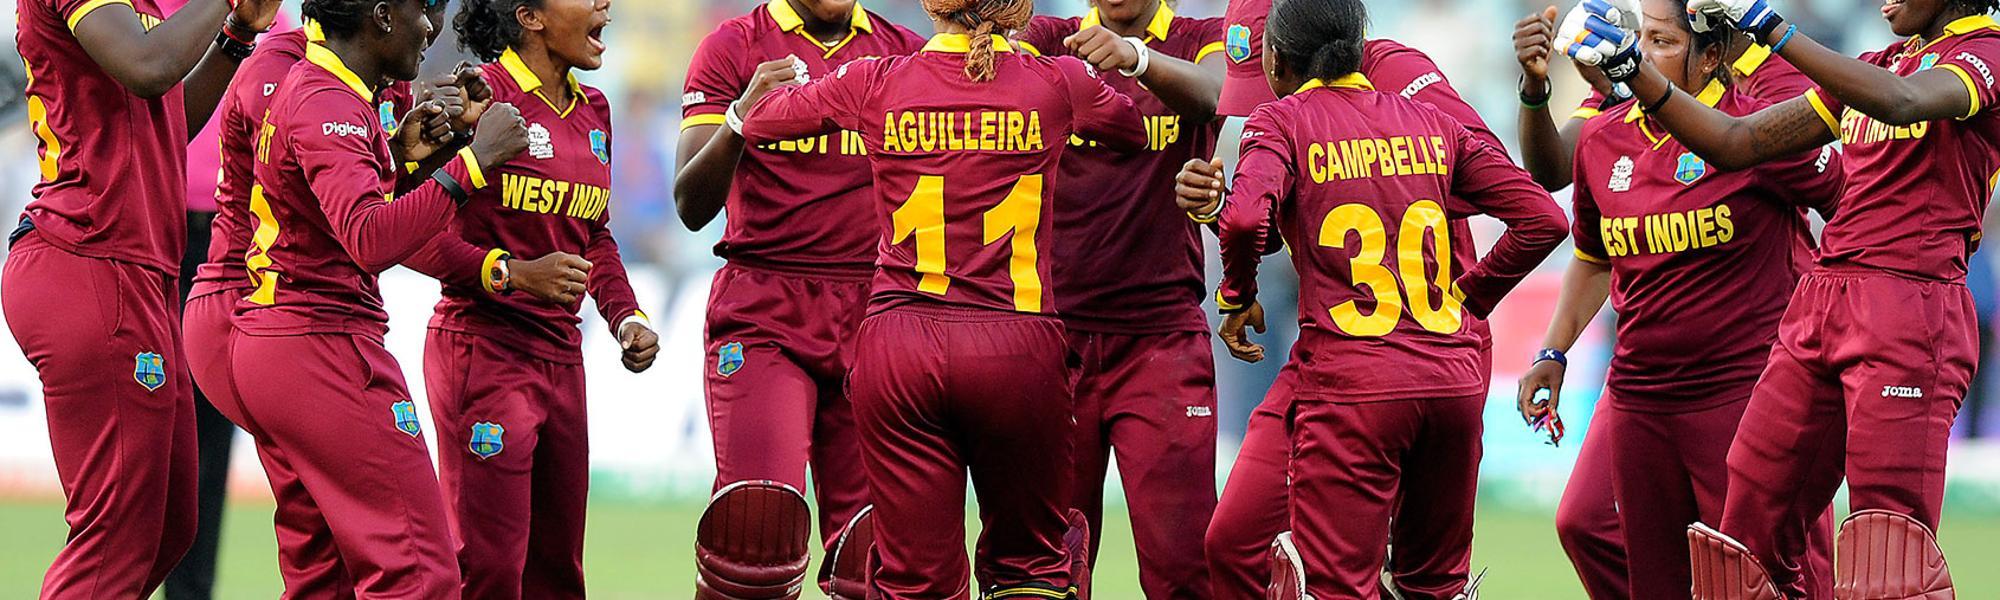 West Indies Women celebrating.jpg